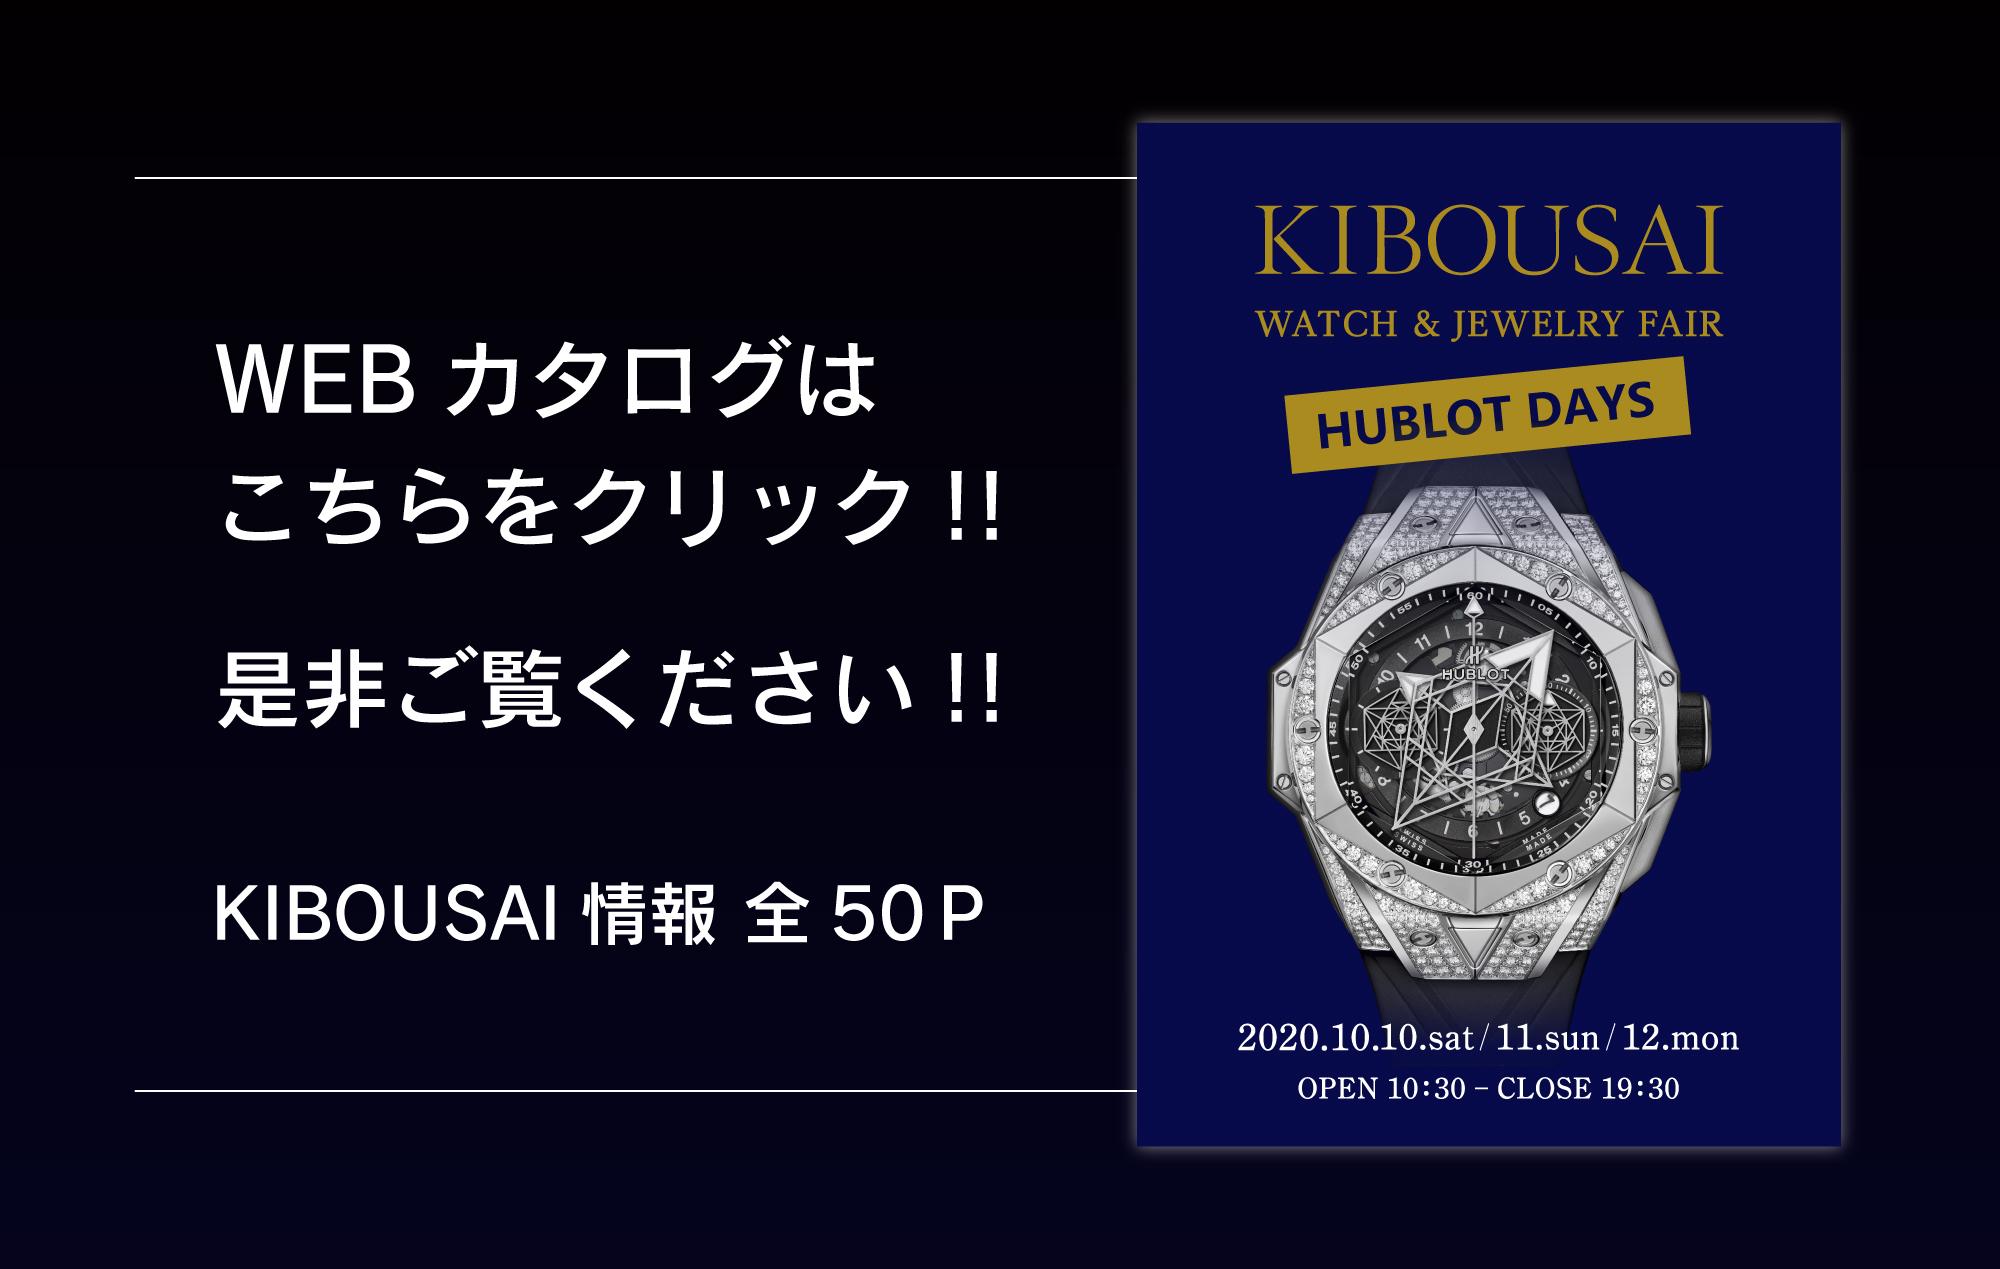 kibousai2020_webpahge_2